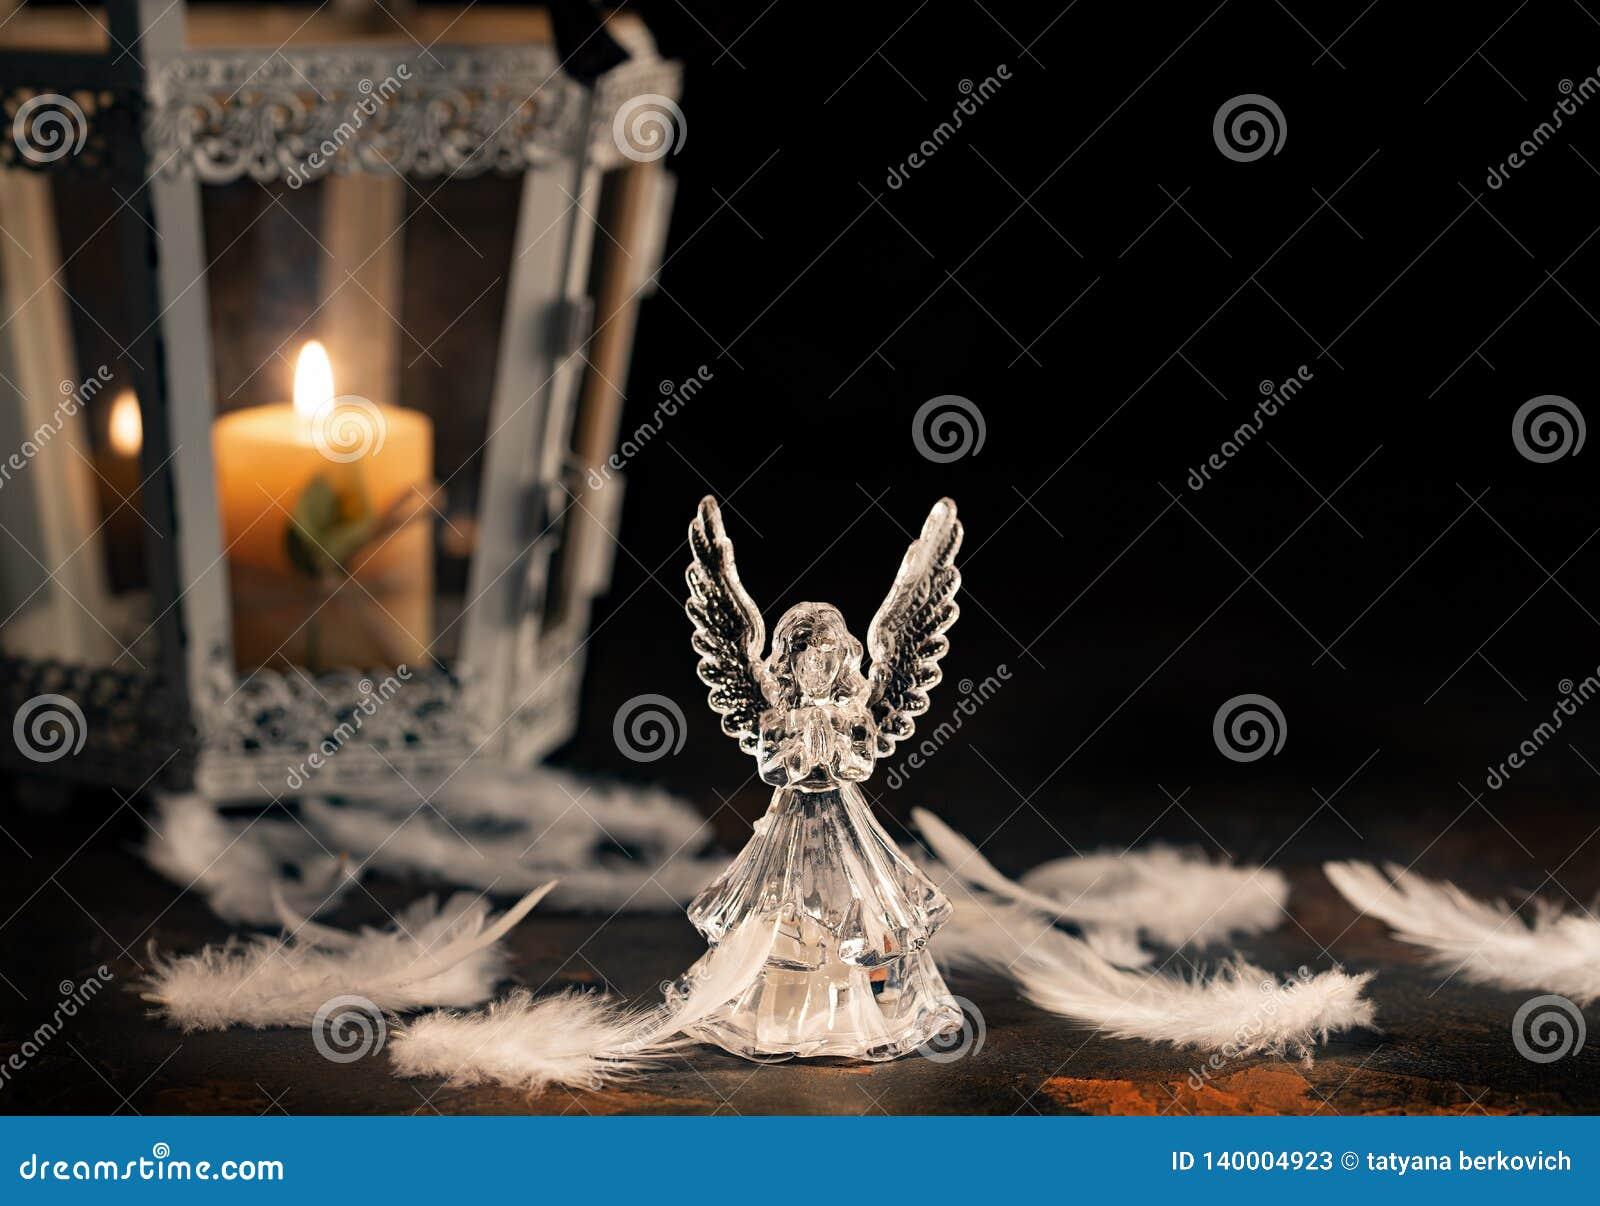 Άγγελος γυαλιού σε ένα σκοτεινό υπόβαθρο